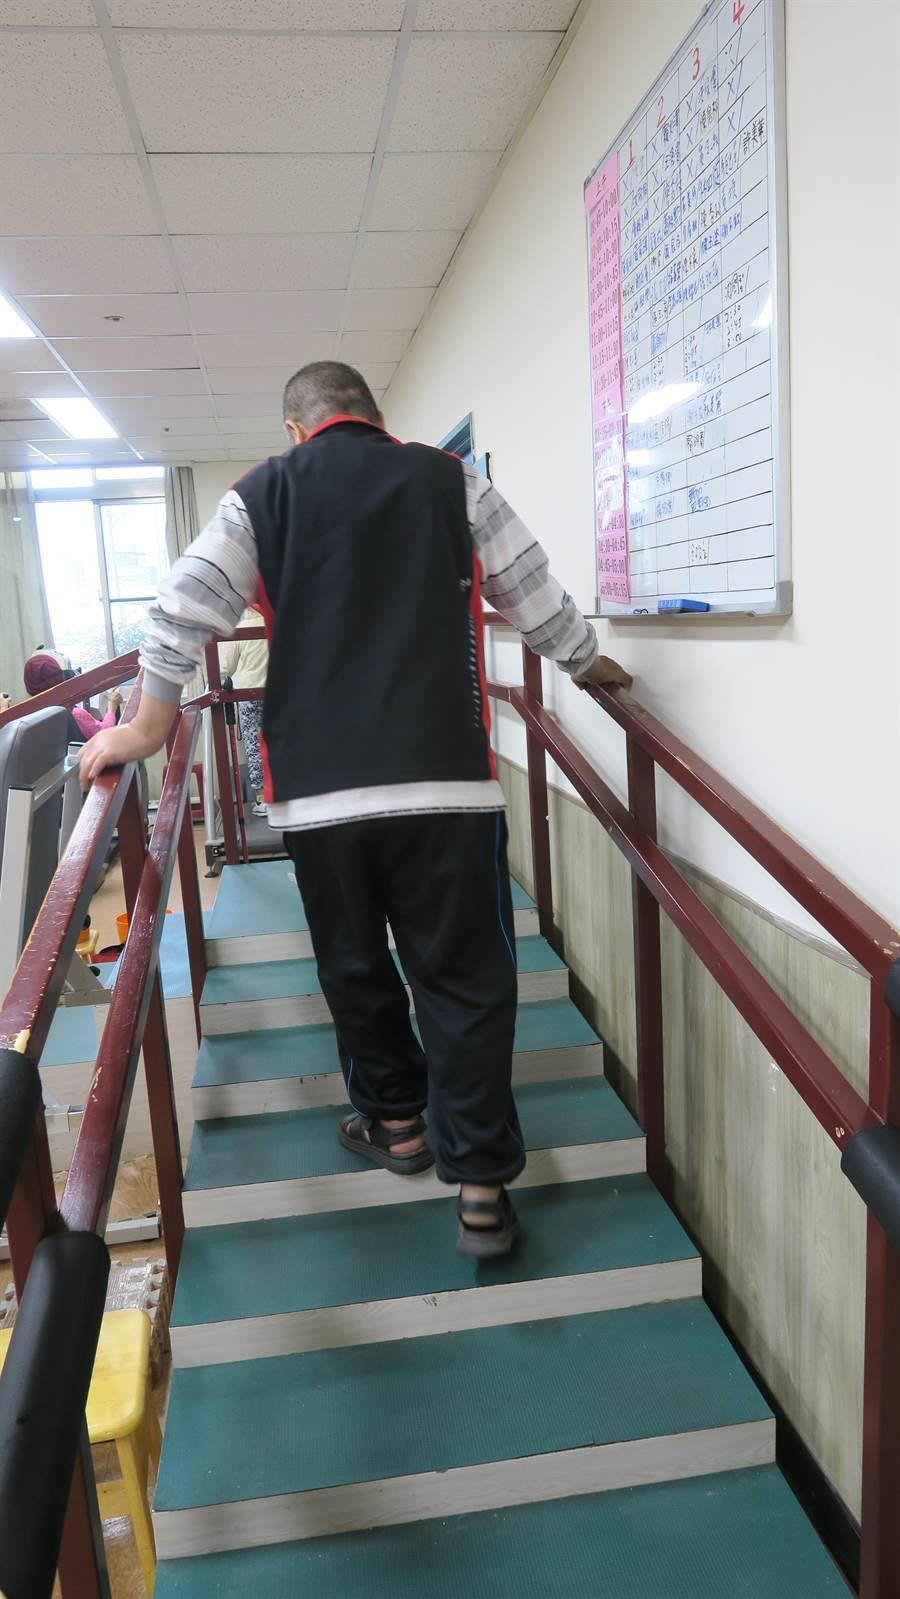 如今陳男已能靠自己慢慢行走,目前仍持續每周三天到彰化醫院。(彰化醫院提供/謝瓊雲彰化傳真)